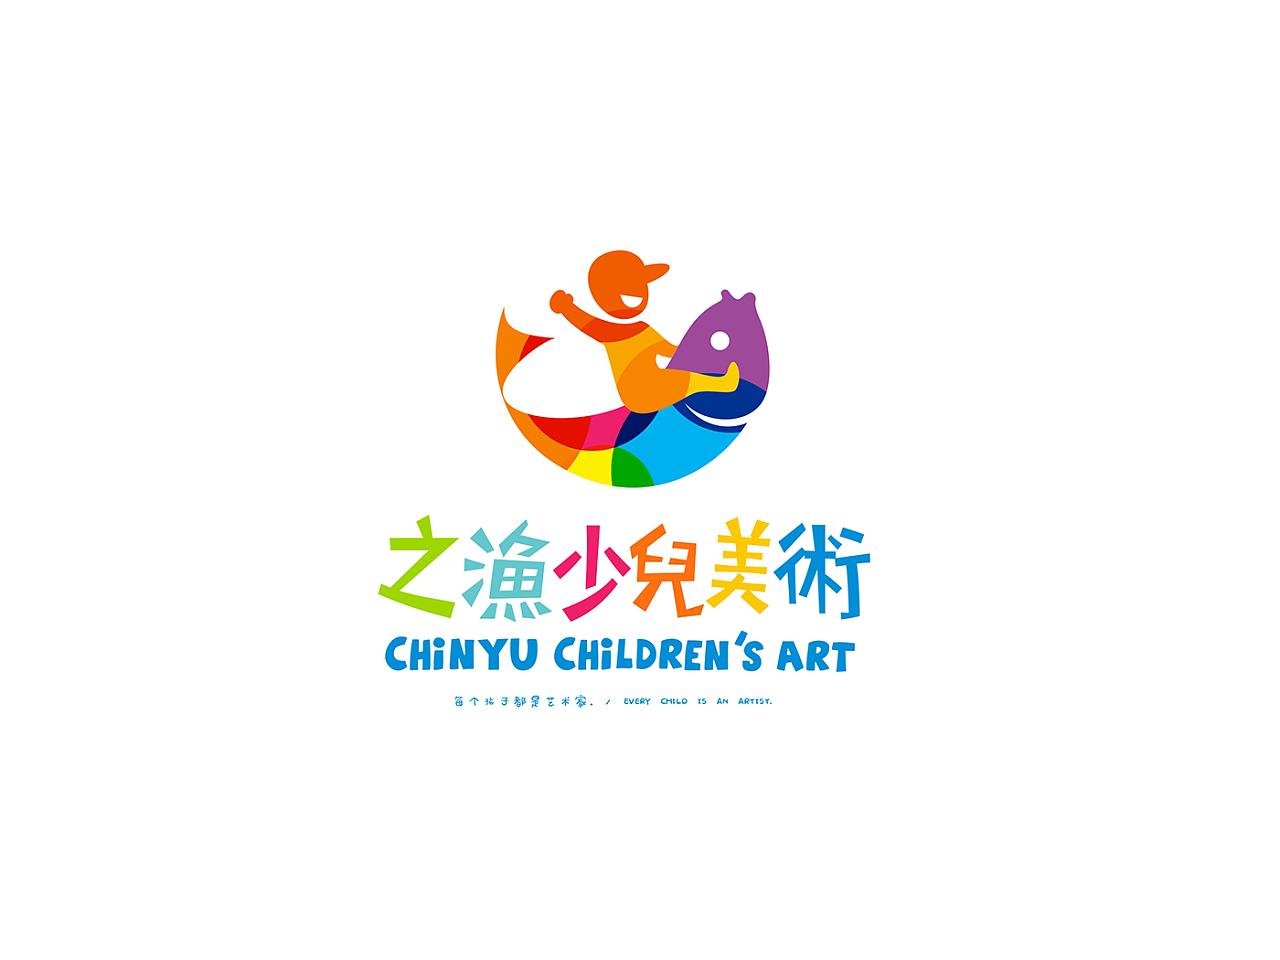 是一家开发儿童绘画潜能的美术培训机构.图片